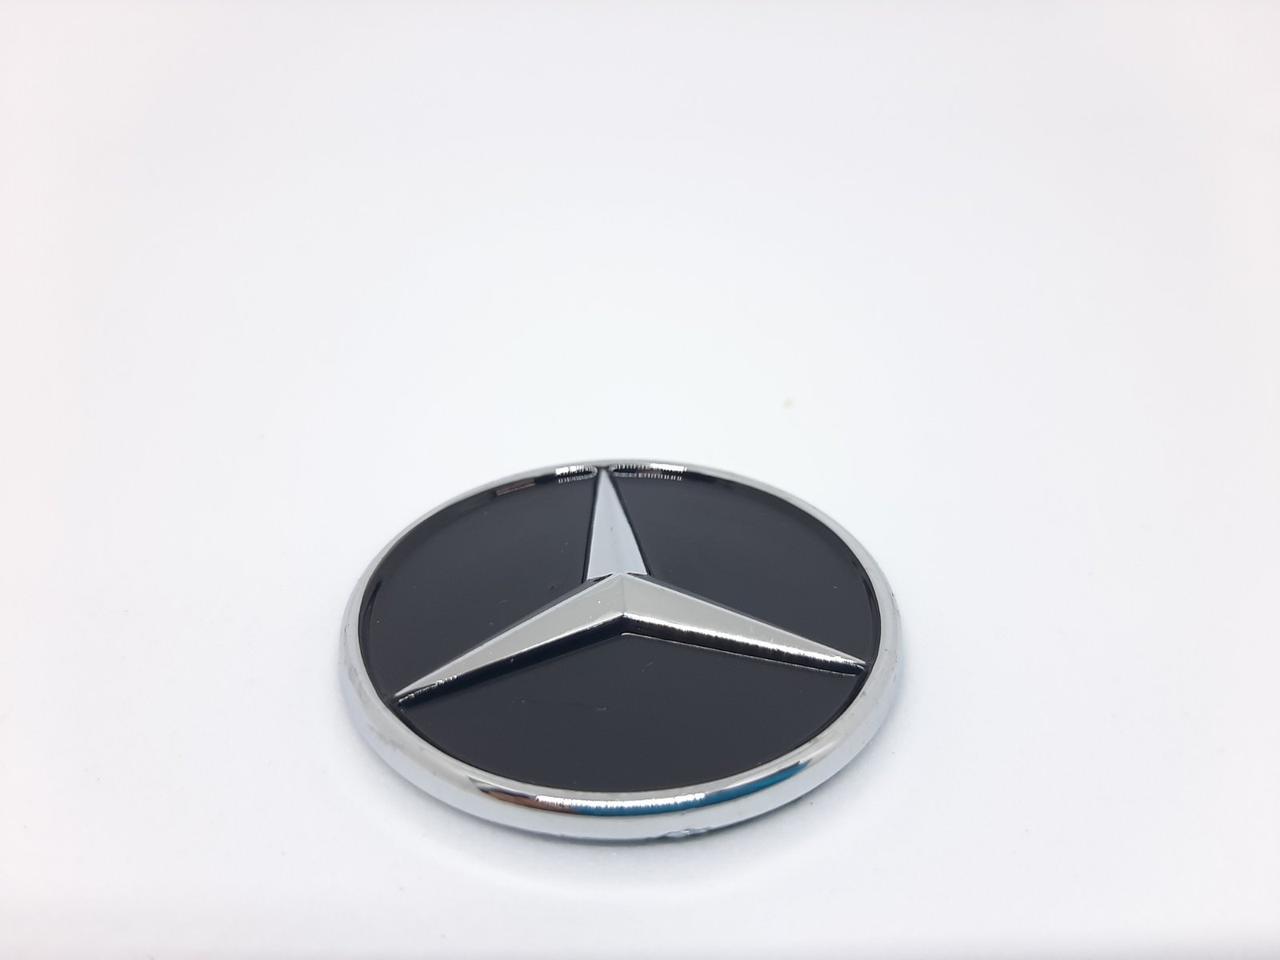 Эмблема логотип значок Mercedes-Benz на руль